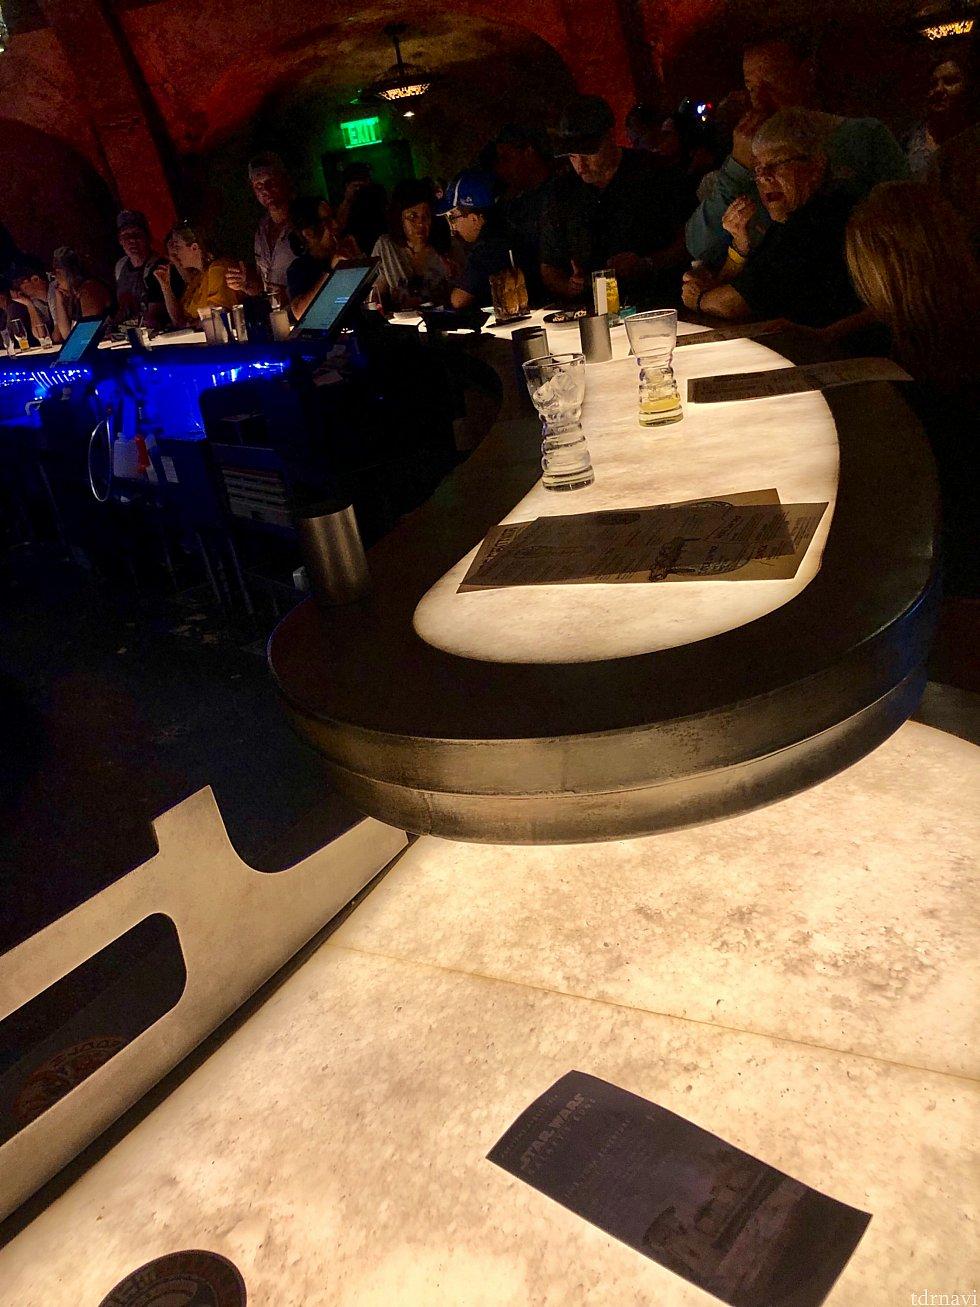 バーカウンターが光って、ゲストの顔を照らしているのがオシャレ。エピソード4「New Hope」でルーク達がバーにいる時のBGMも時々かかっていました。